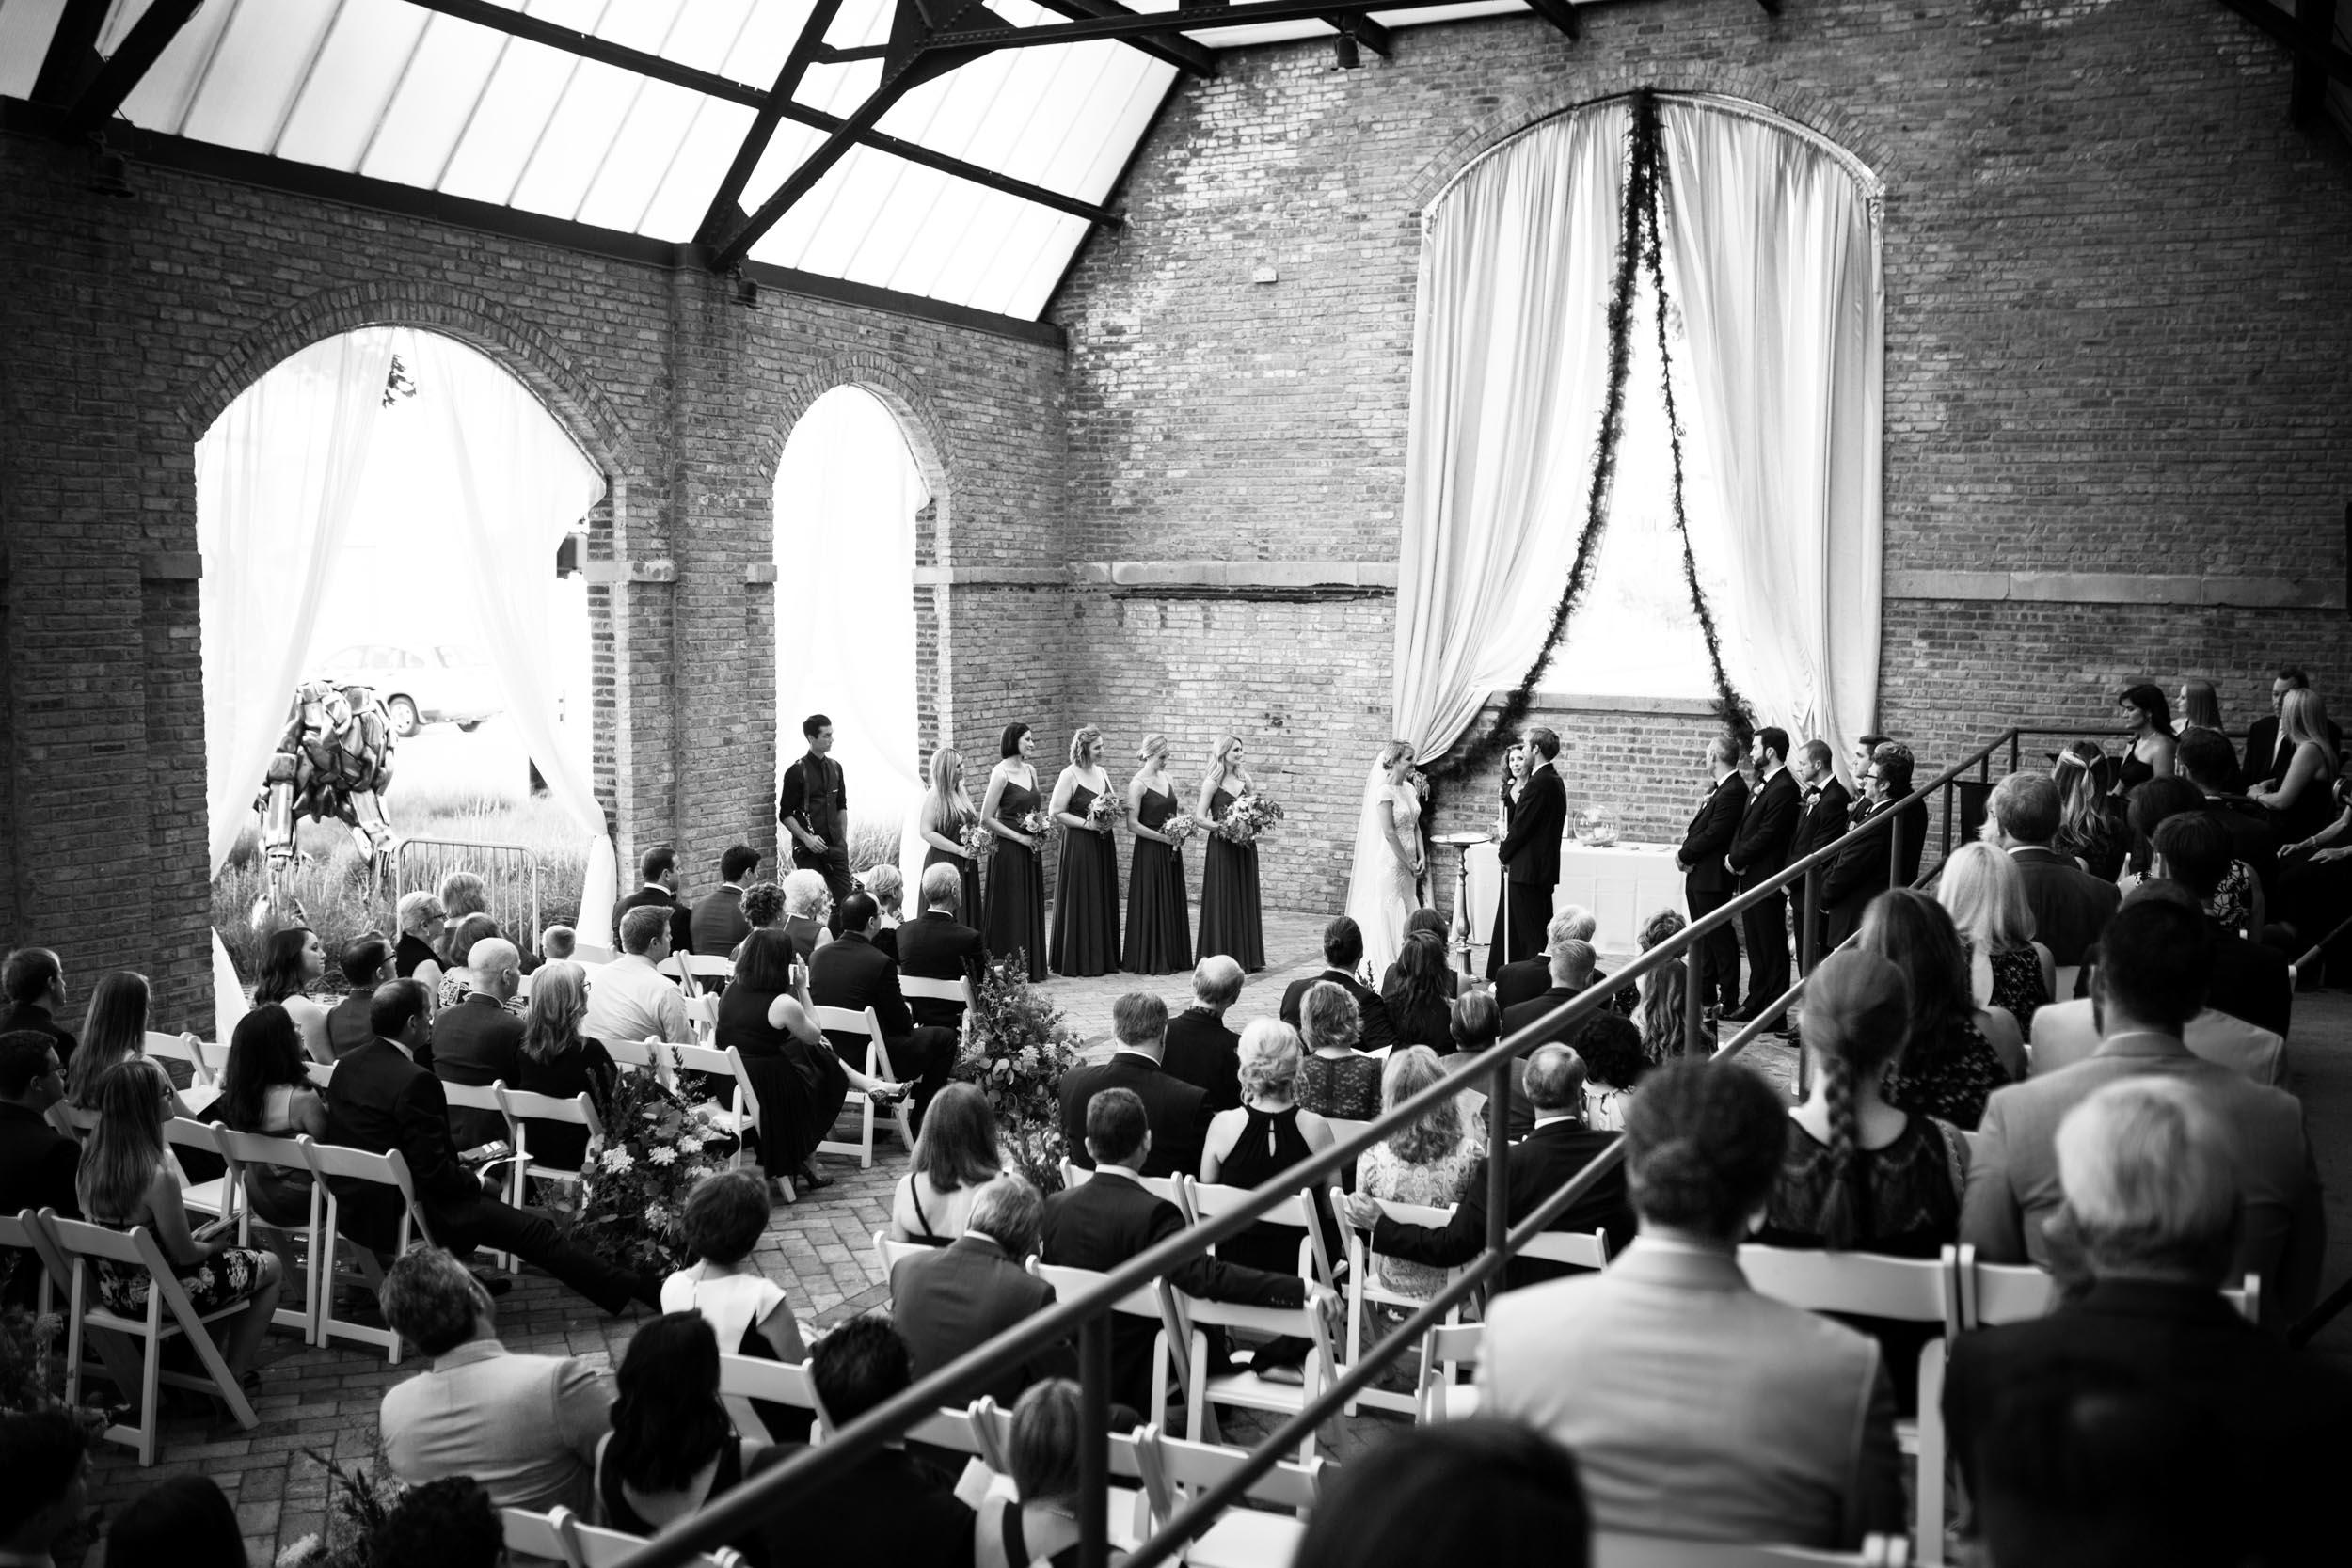 chicago-wedding-photos-studio-this-is-jack-schroeder-46.jpg